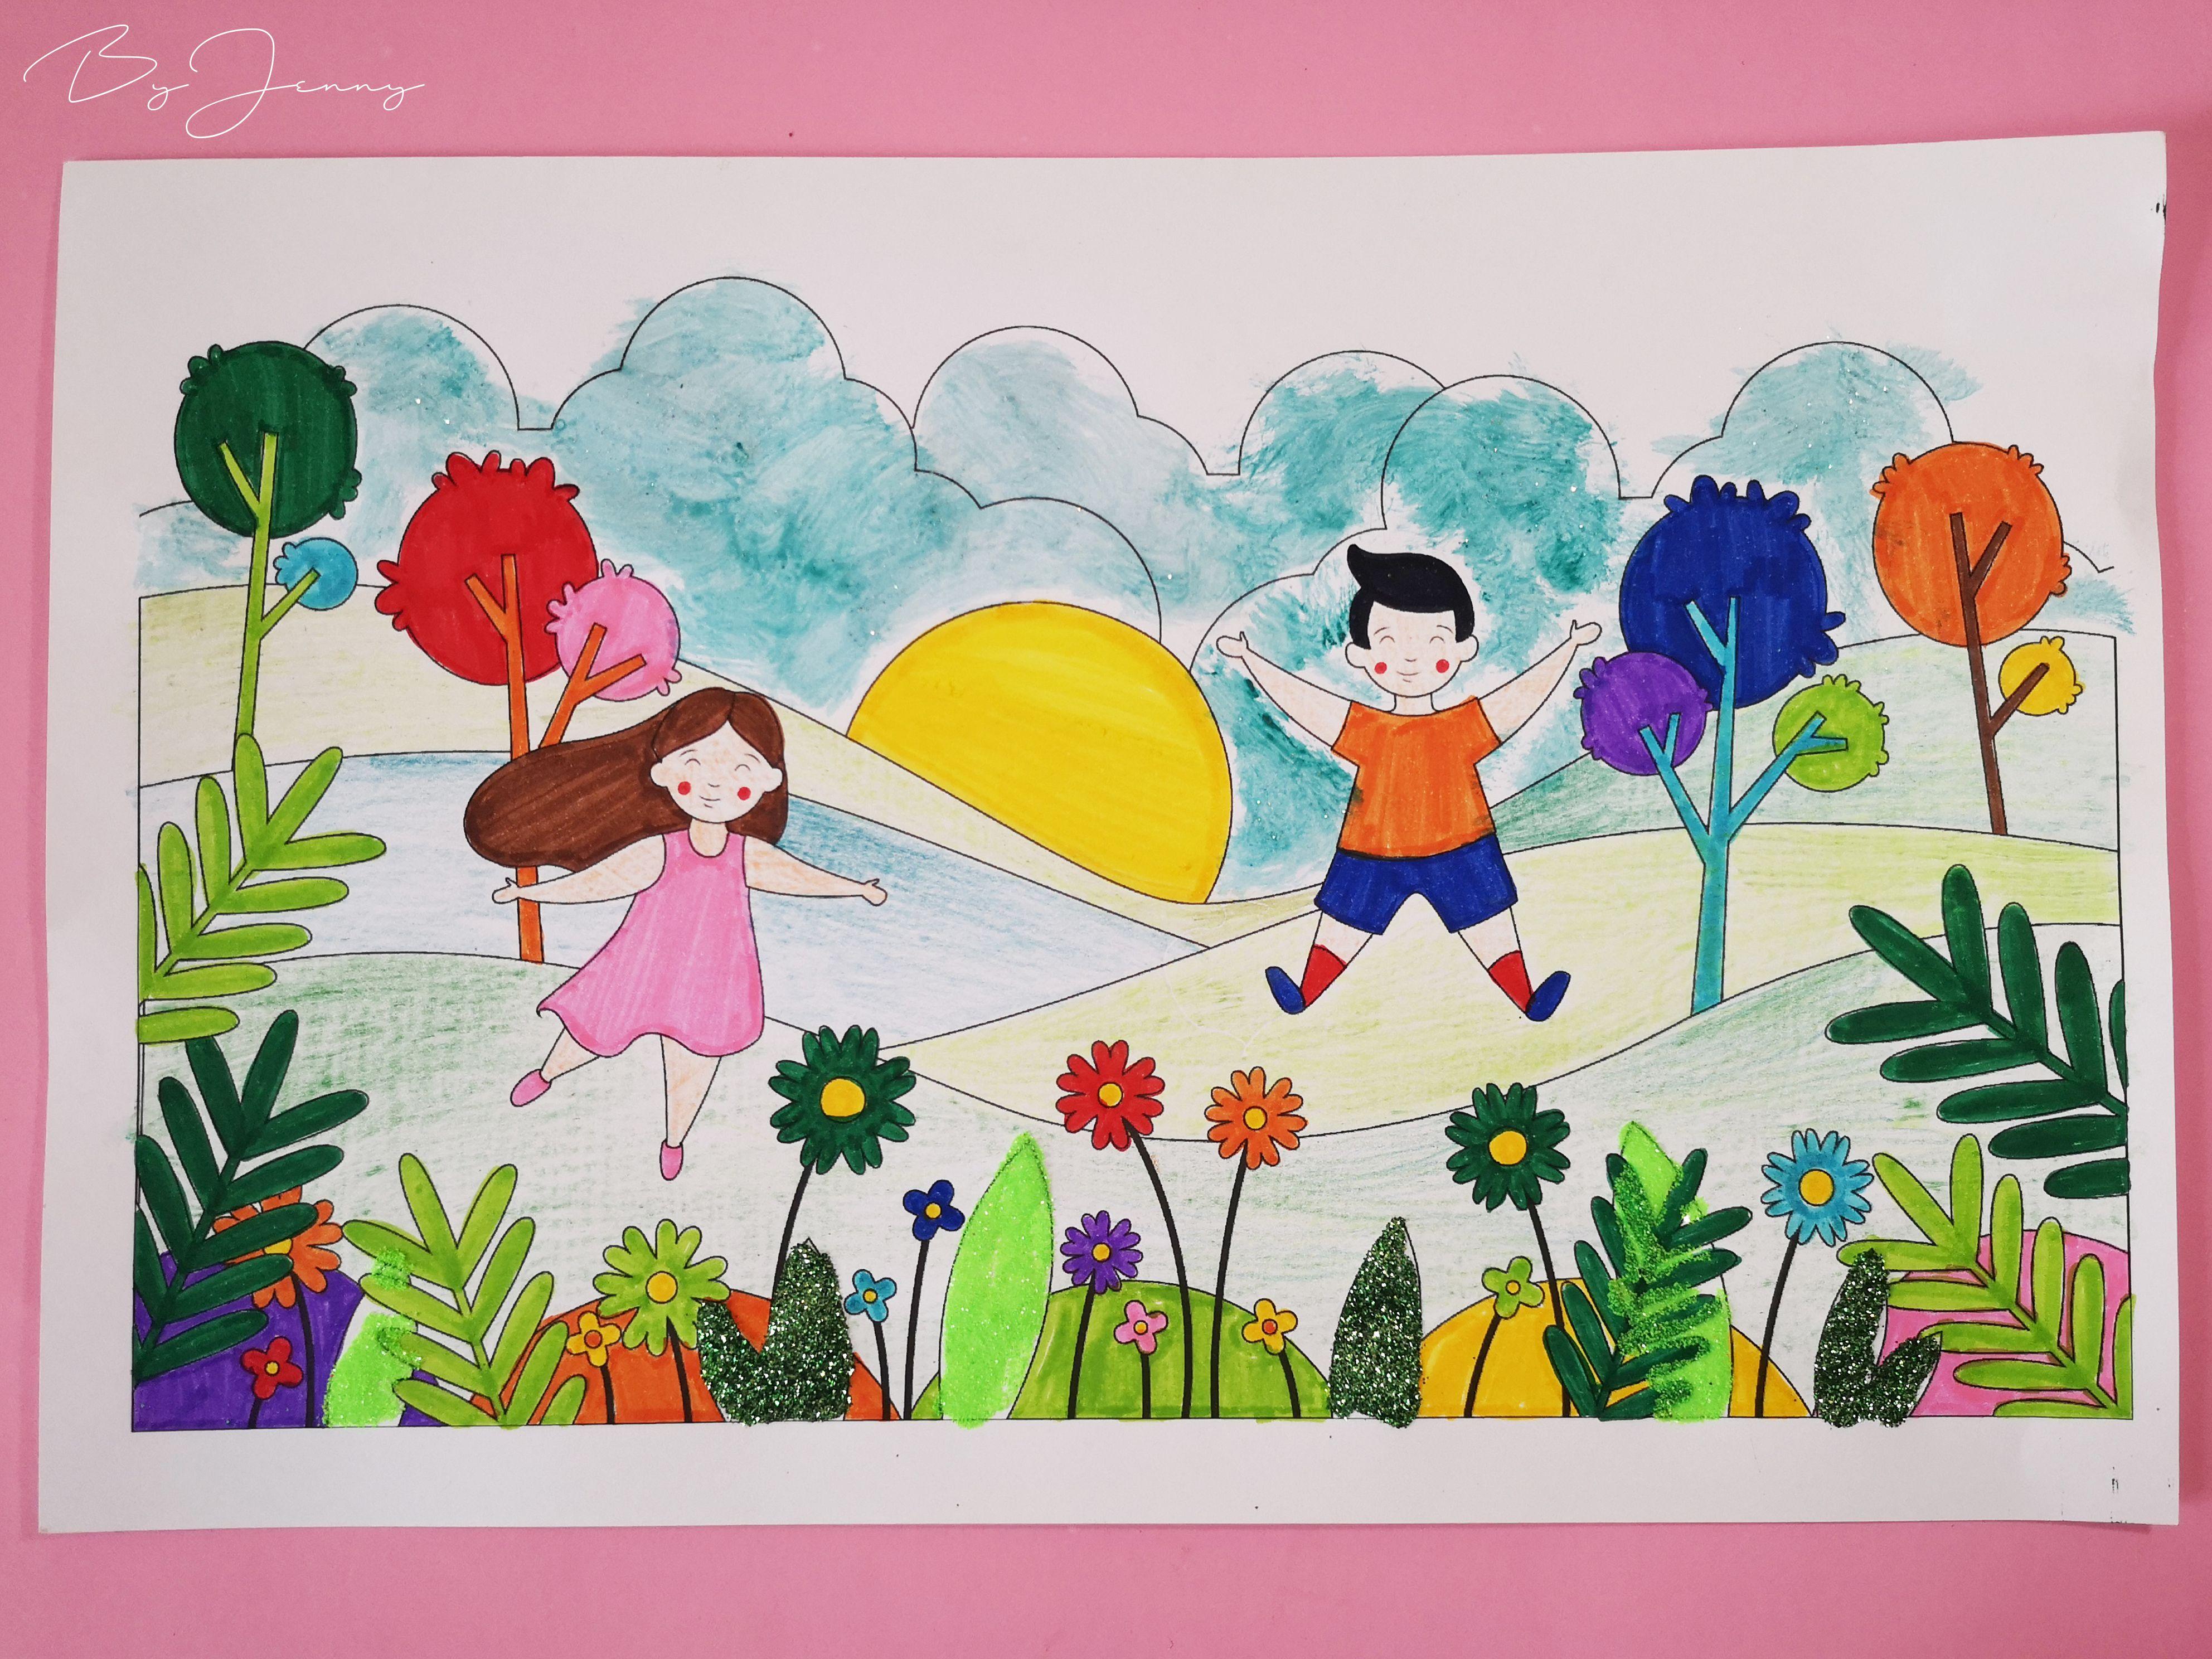 Dibujo De Paisaje Con Ninos Hecho Con Marcadores Crayones De Madera Brillantina Y Acuarela